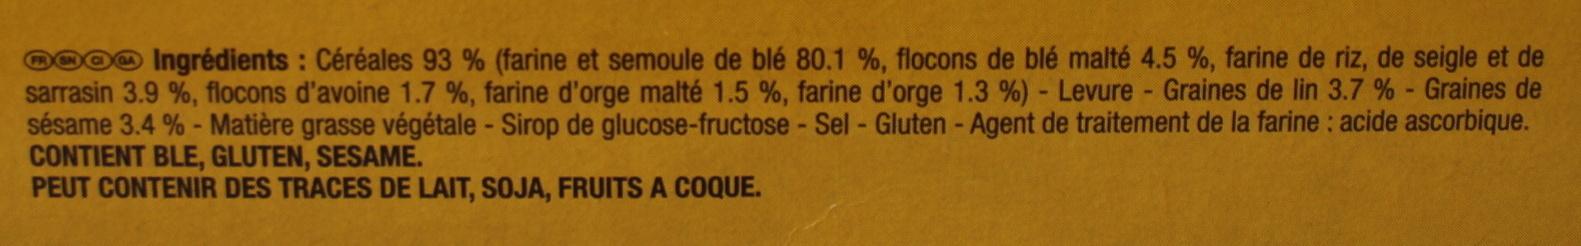 Biscottes heudebert - Ingrediënten